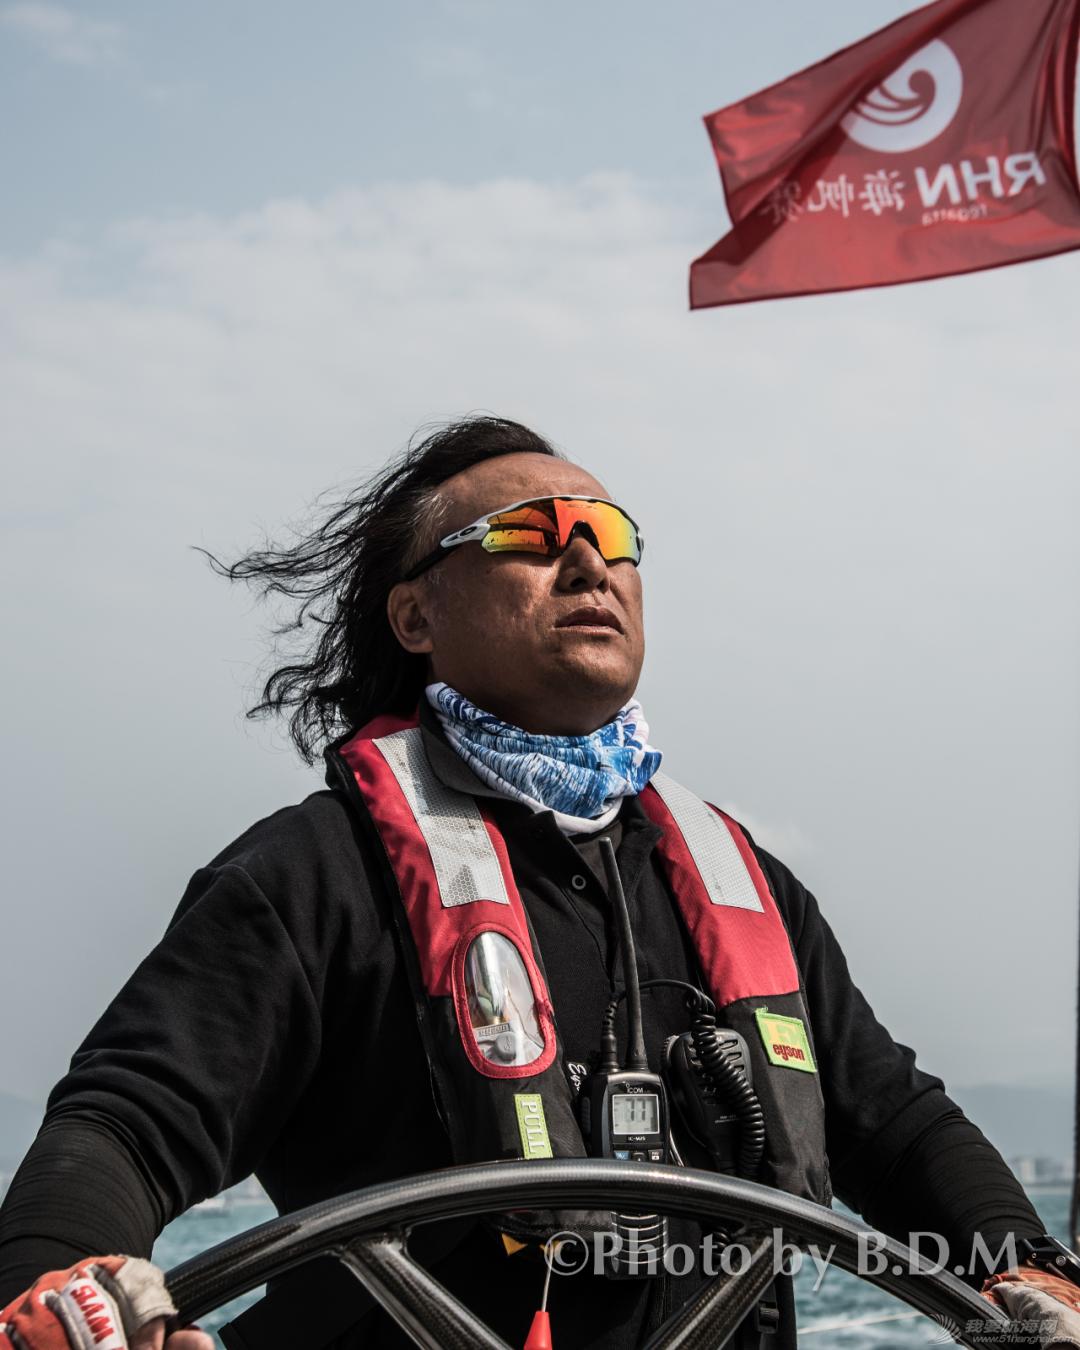 【赛队巡礼】心怀理想,满载欢乐,缘于帆船w6.jpg